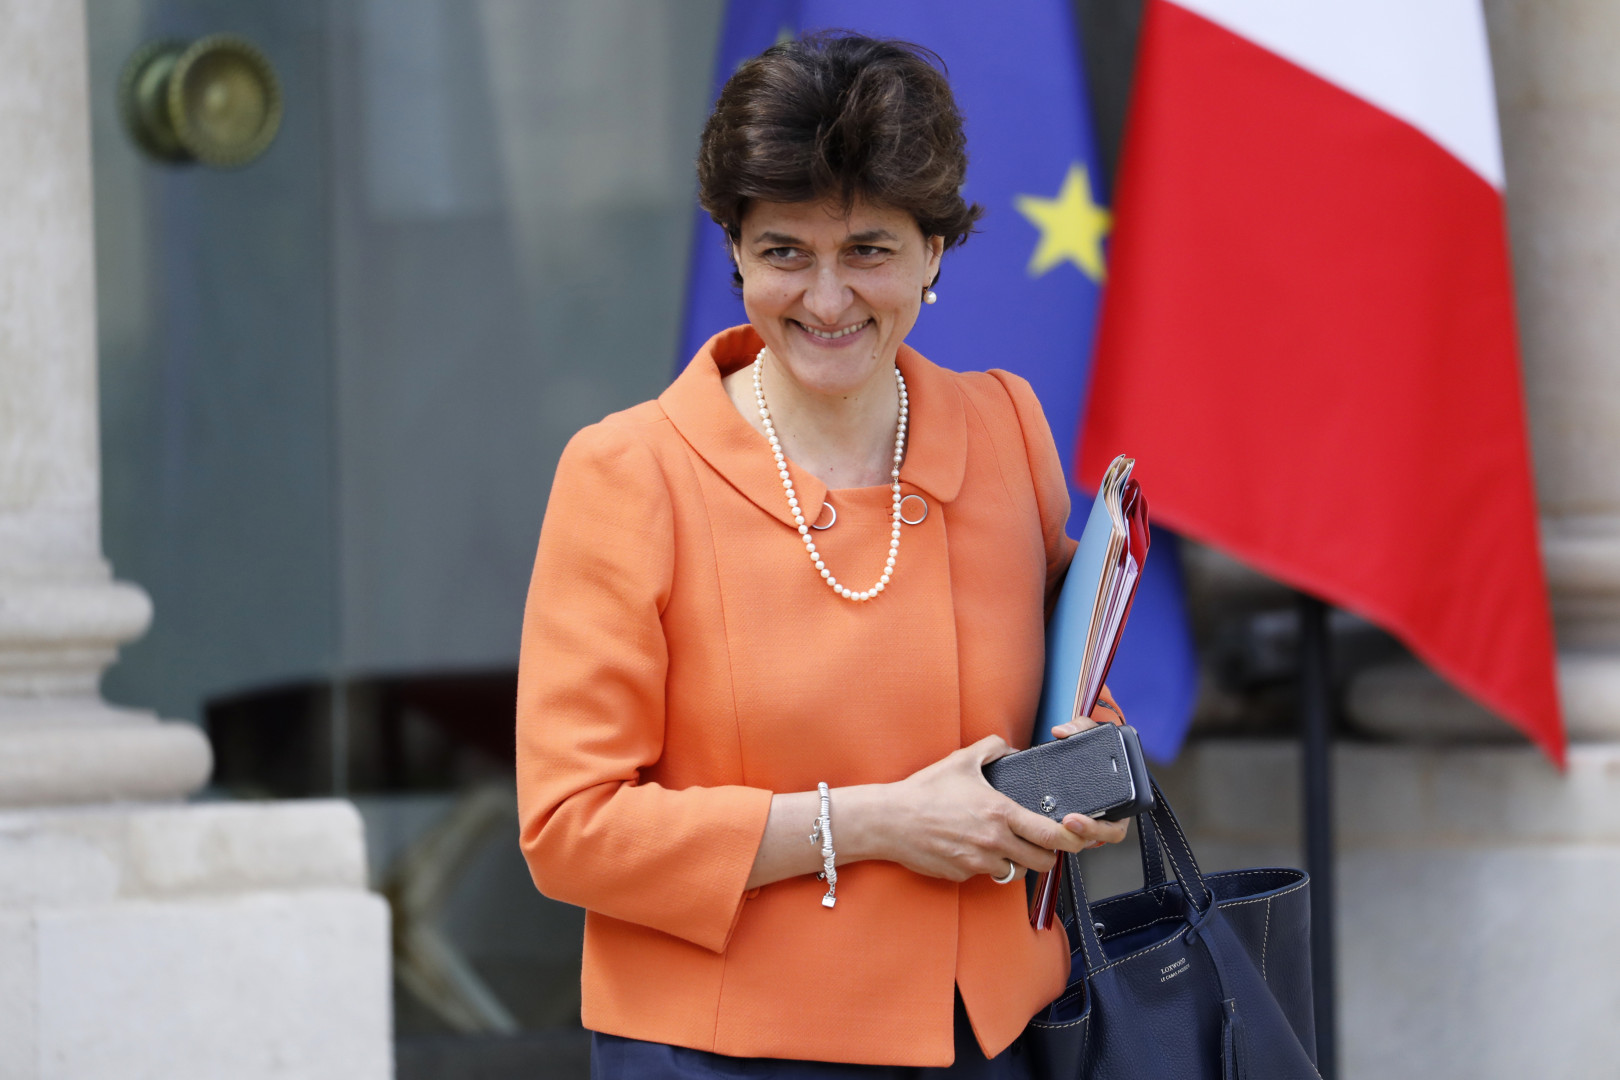 La centriste française Sylvie Goulard est nommée commissaire au Marché intérieur, en charge de l'industrie de la défense